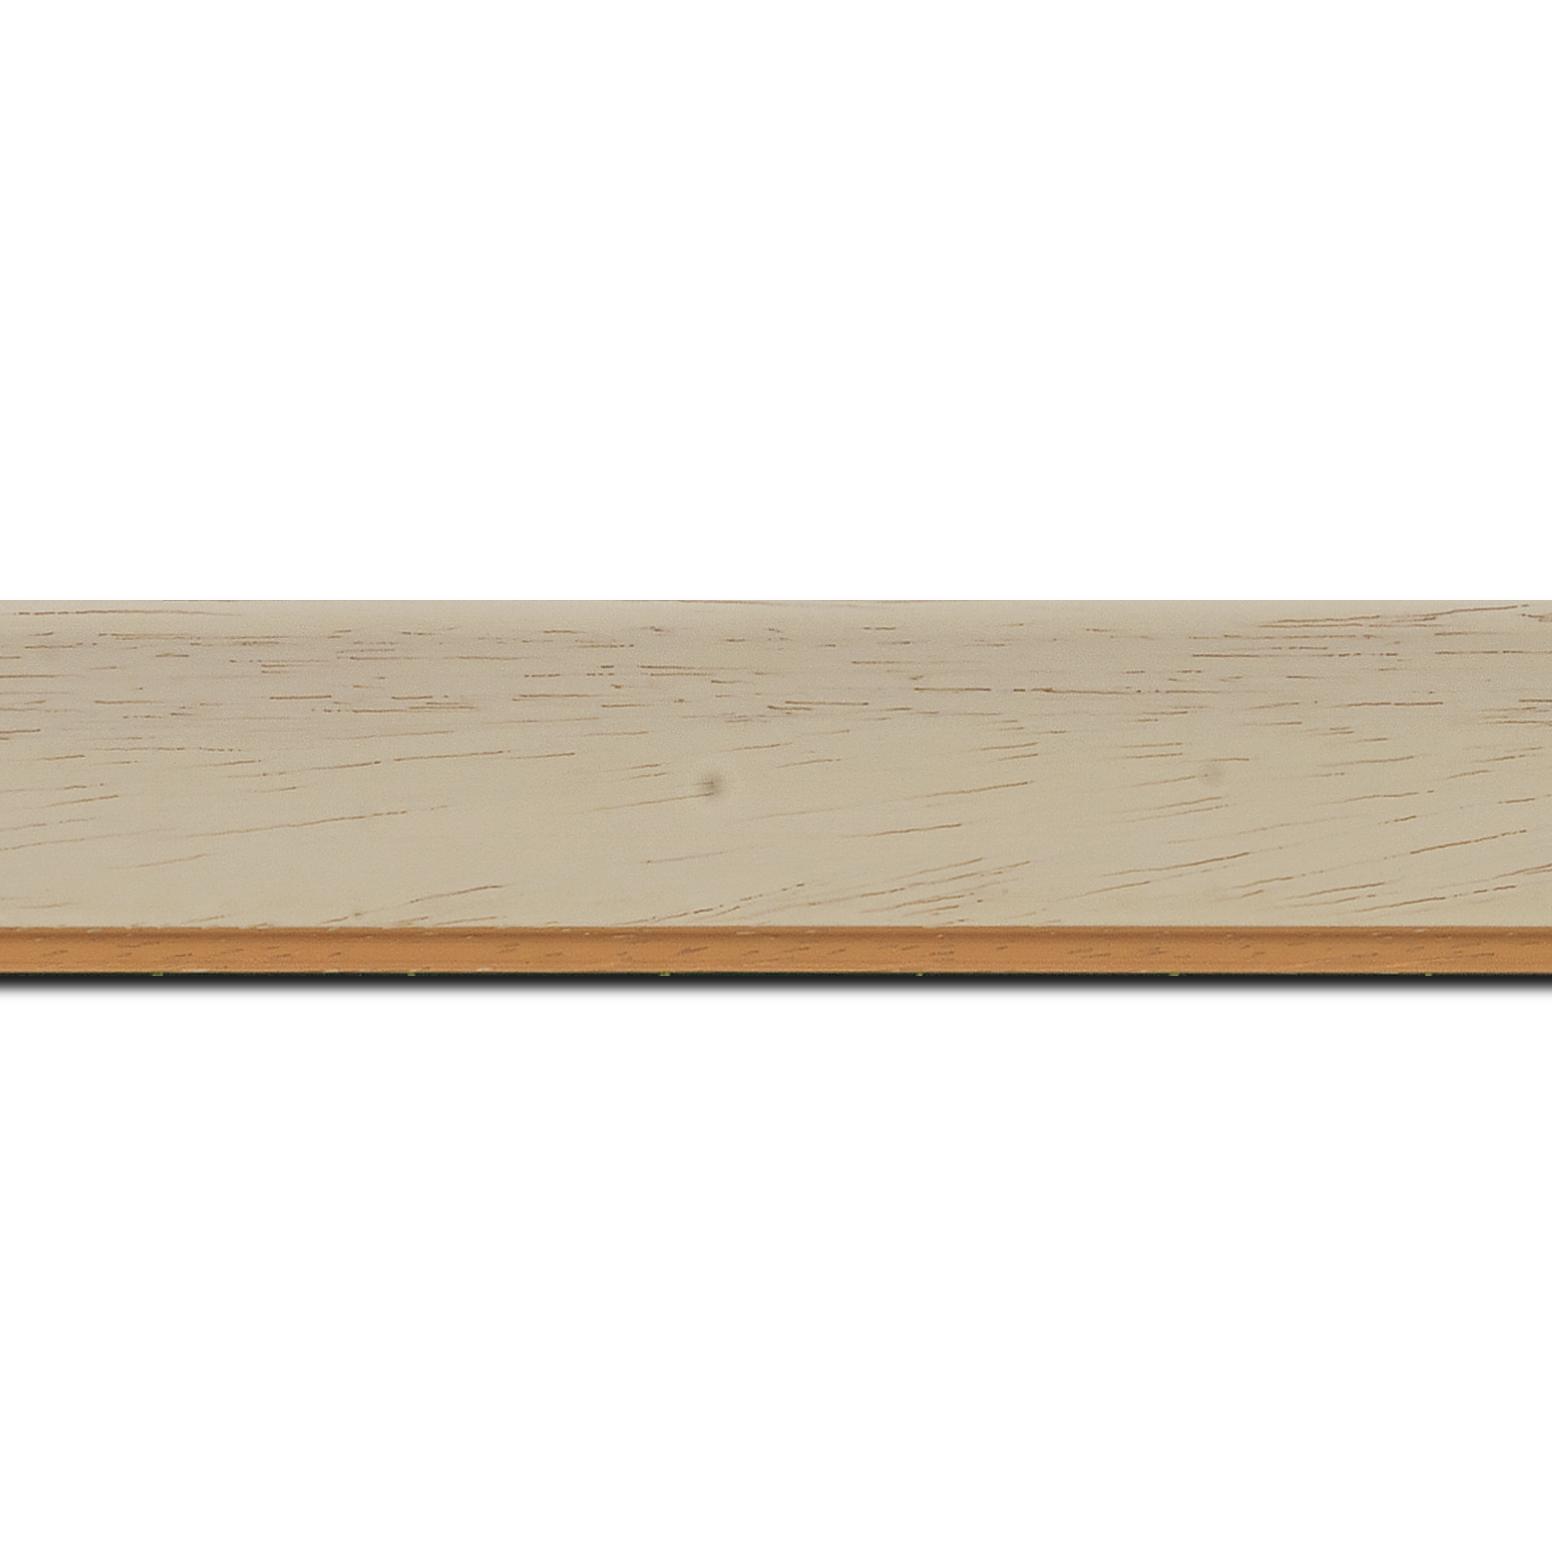 Baguette longueur 1.40m bois profil incurvé largeur 3.9cm couleur crème satiné filet or